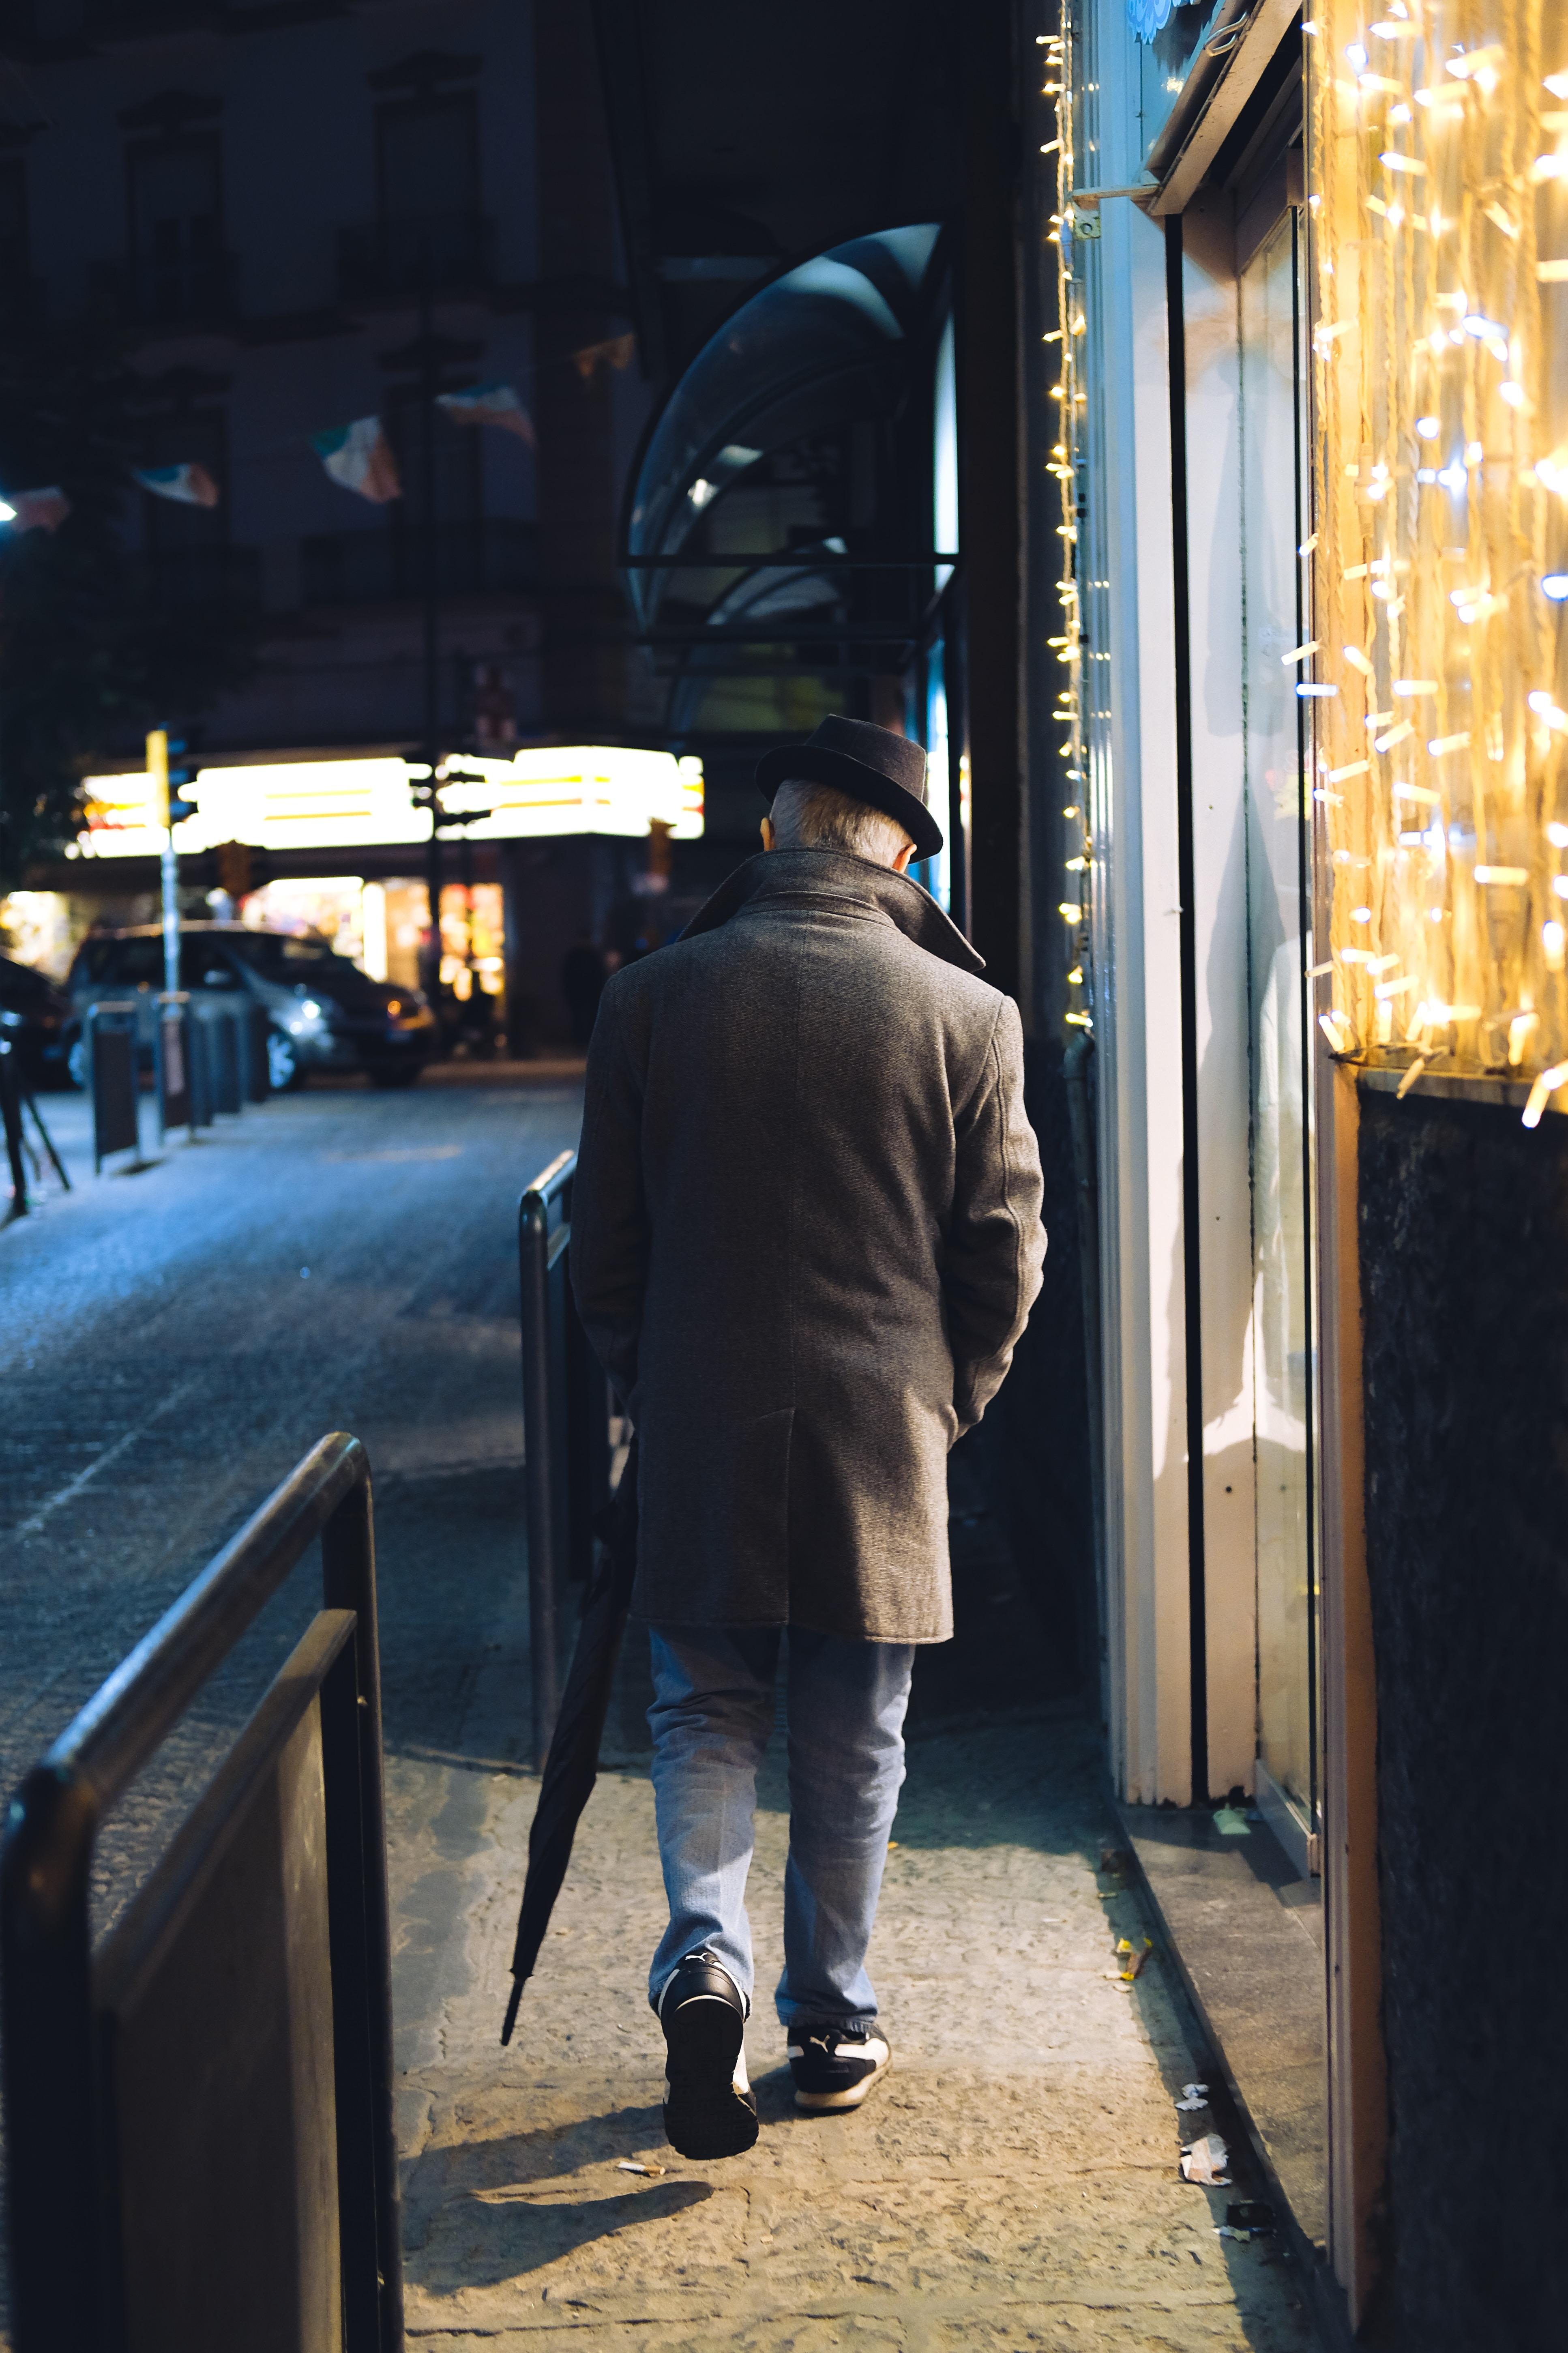 foto de una persona mayor caminando por la calle.